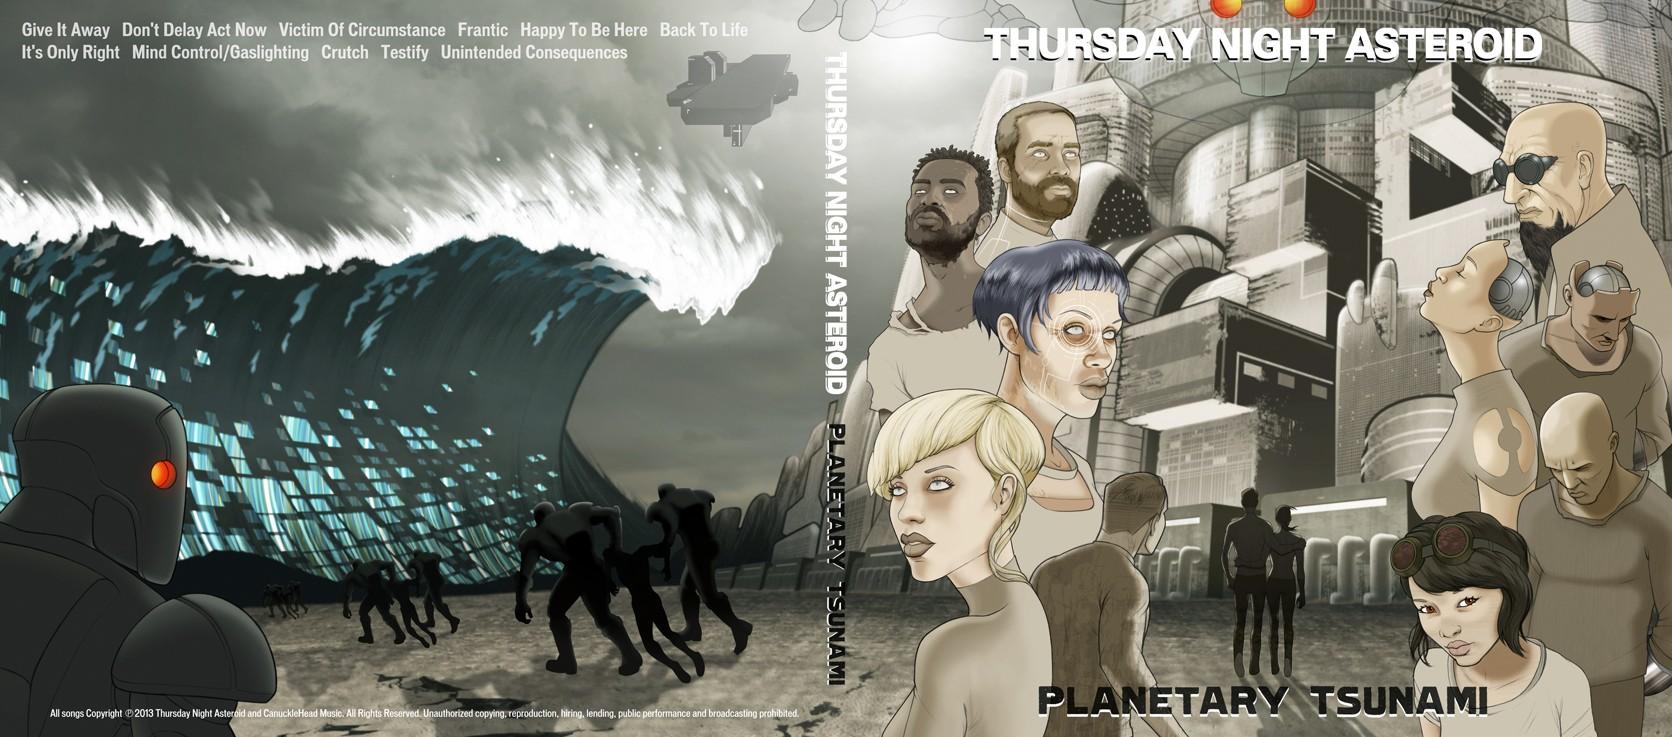 Thursday Night Asteroid Layout 2013